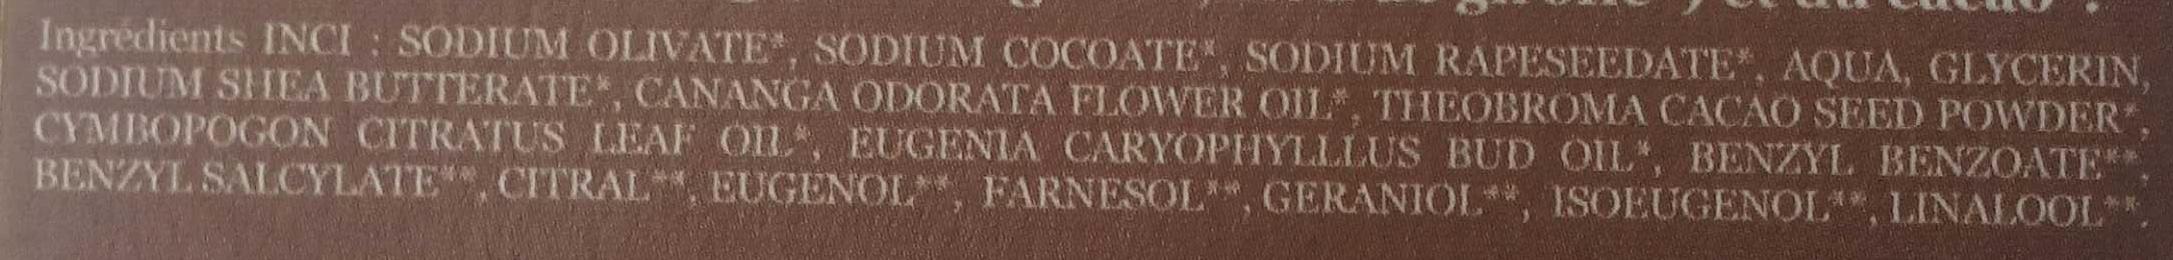 Cacao Ylang ylang - Ingrédients